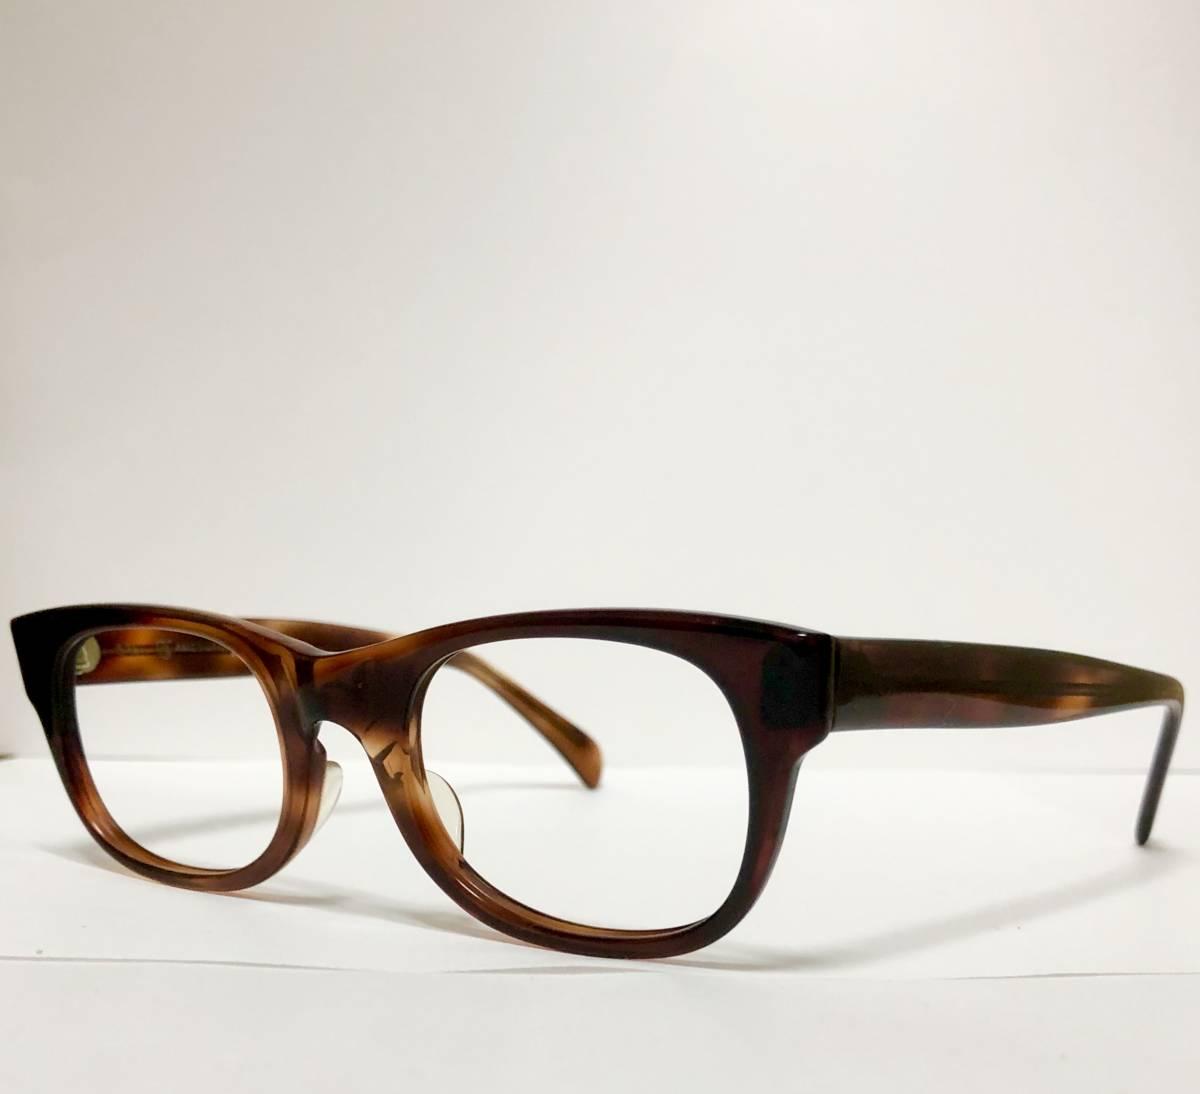 新品・1960年代頃】アメリカンオプティカル AO All純正 メガネ American Optical アンバー 米国製 ビンテージ ヴィンテージ _画像4